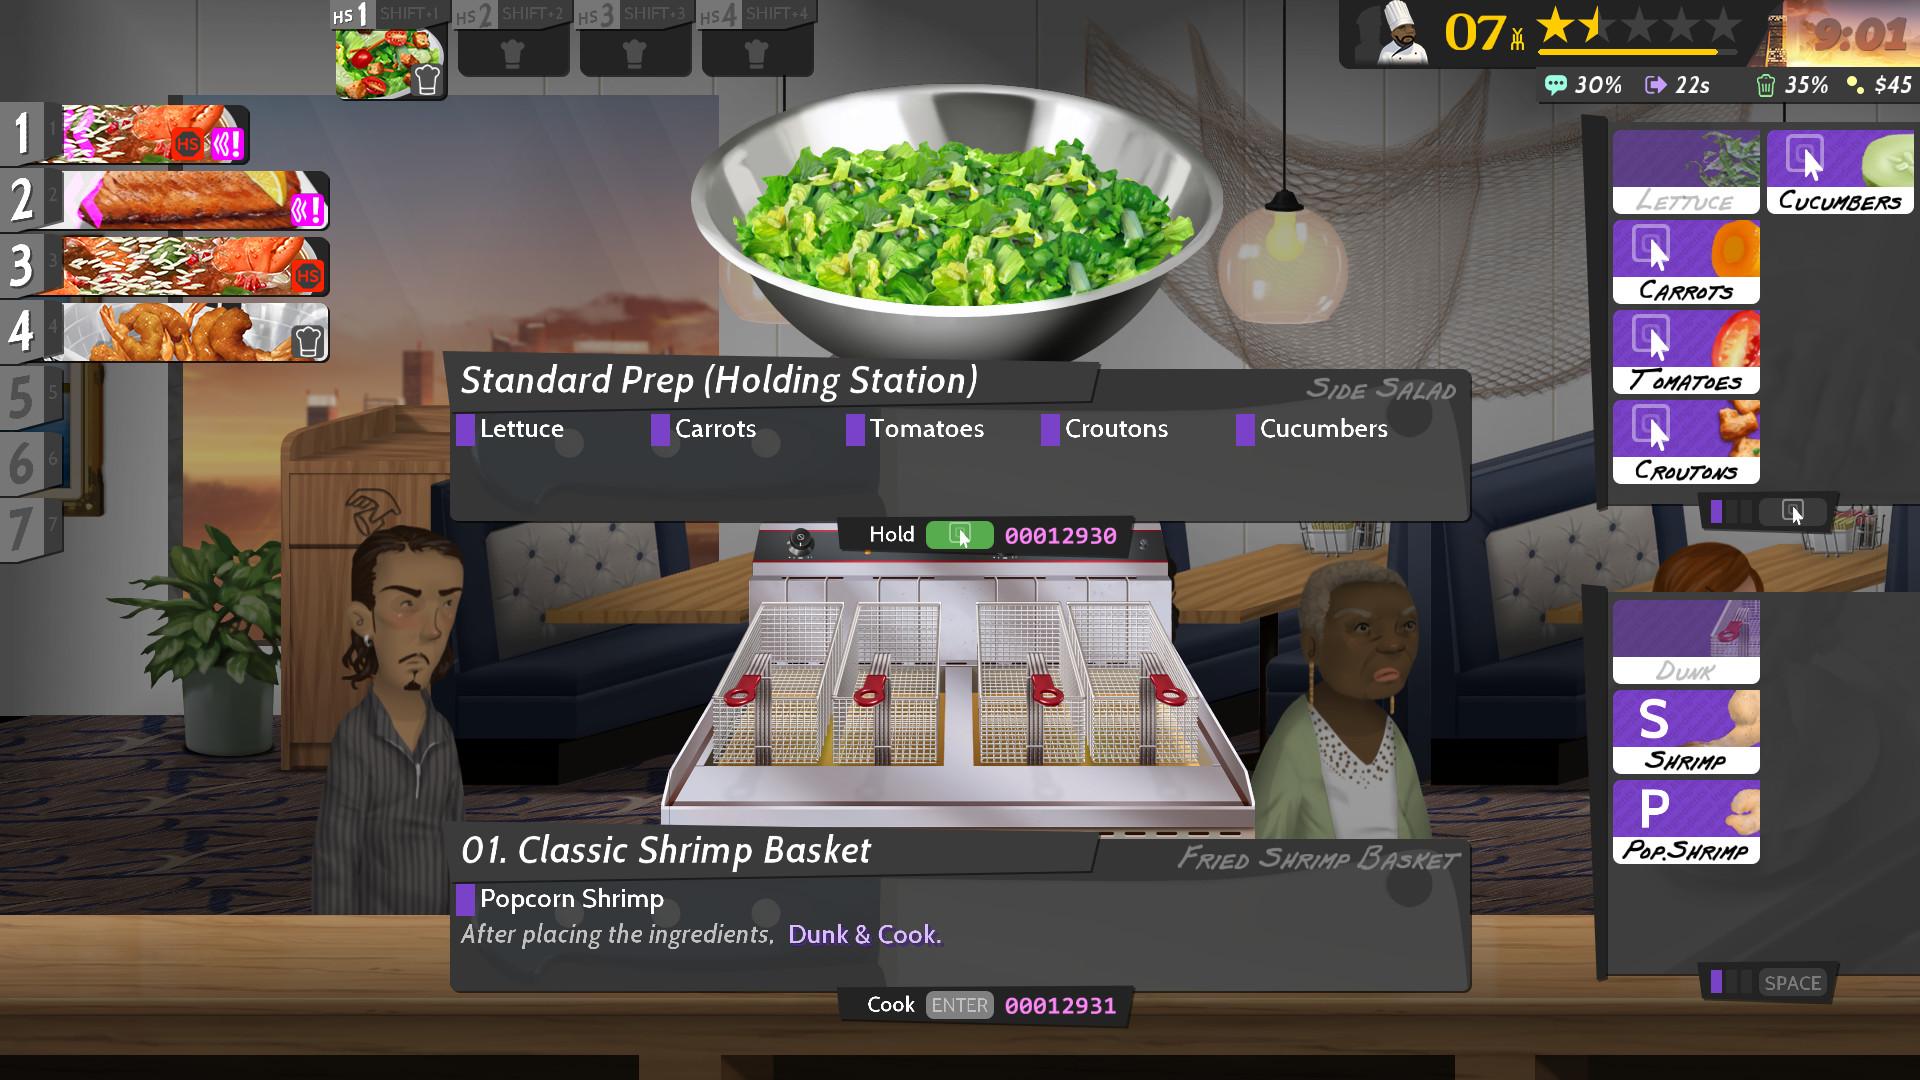 ¡La PC original cocina deliciosos platos, vapor, 2Cook, servir, en la zona 2 delicious!!!